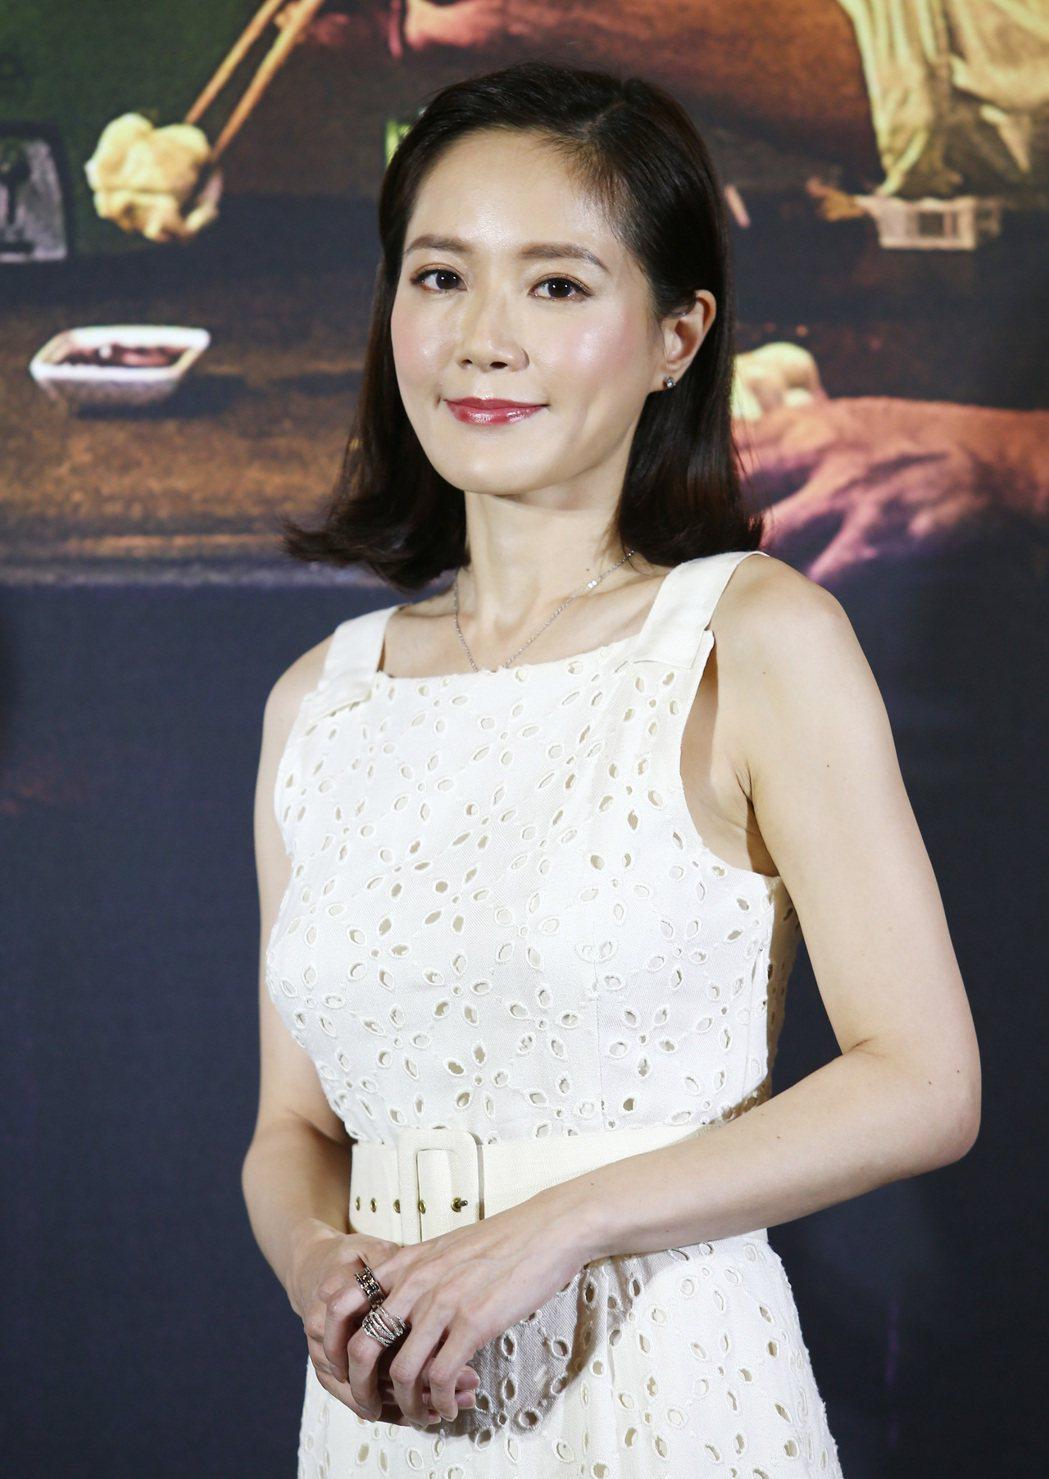 「家在蘭若寺」女主角尹馨受訪時表示,面對在只有演員的空間(導演躲起來)演床戲,感...